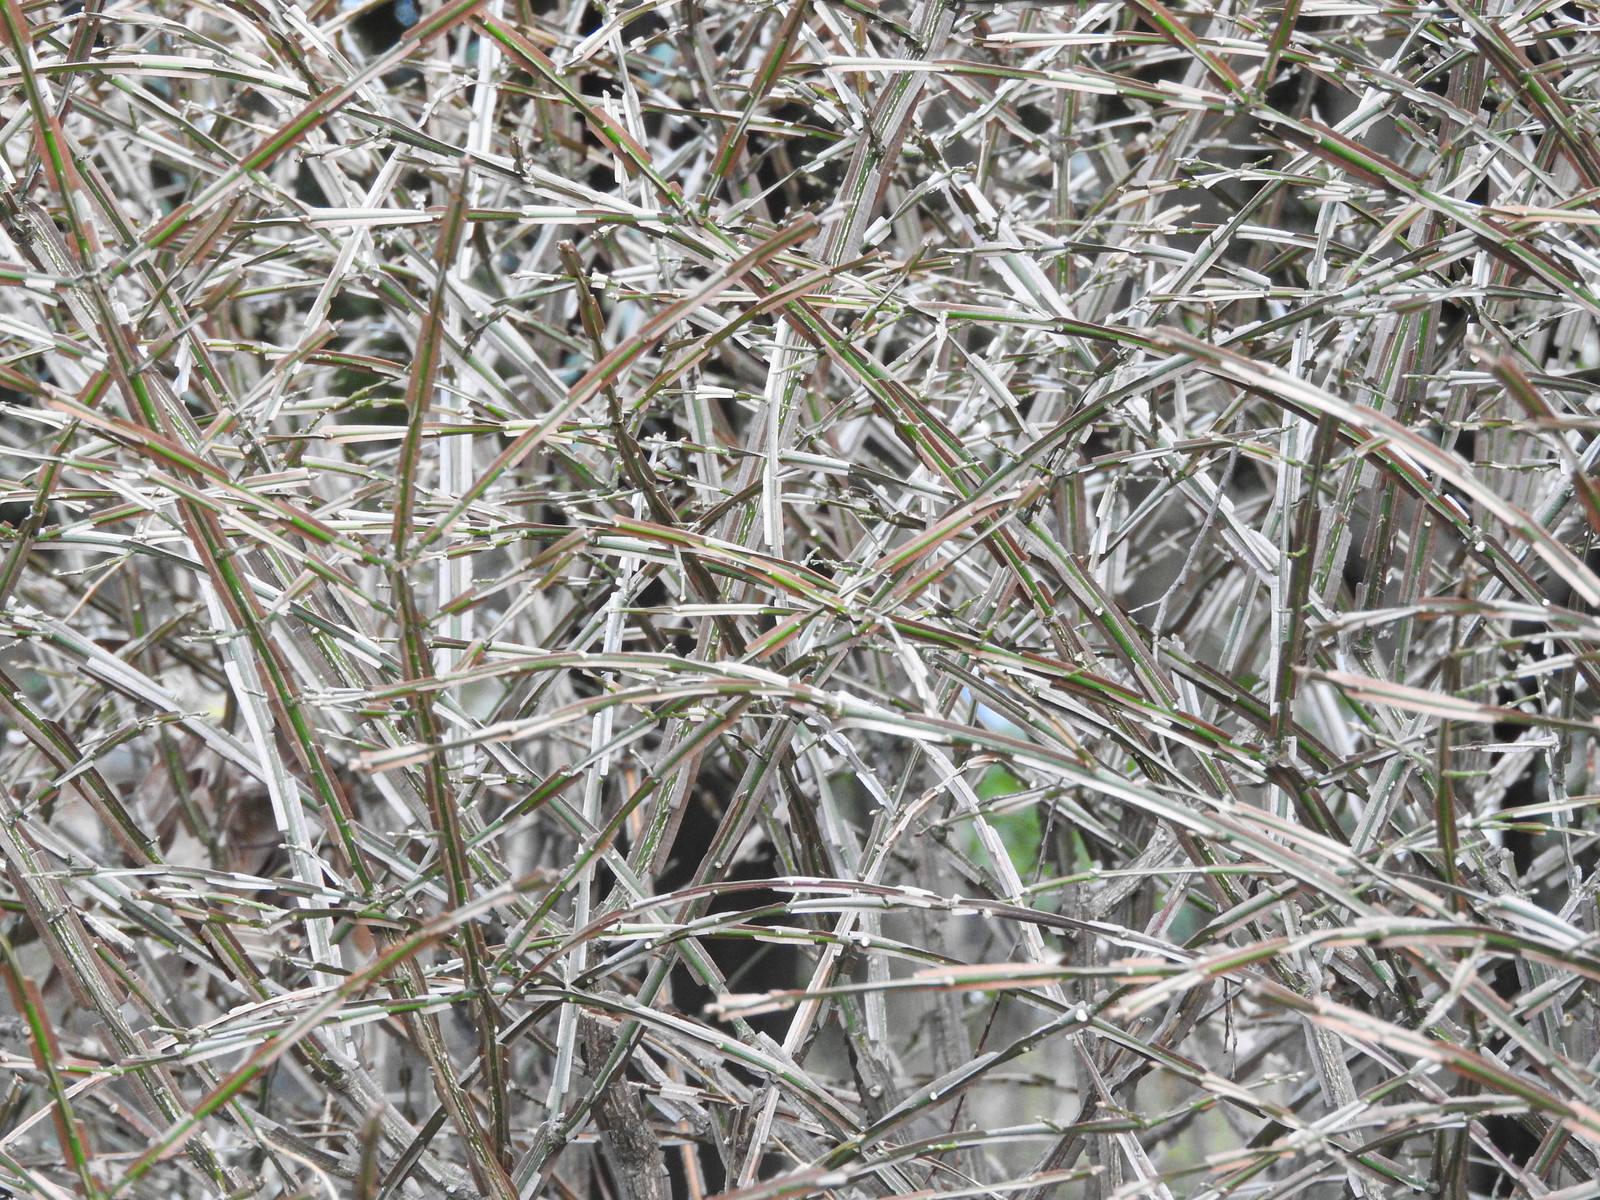 「立ち枯れた植物の草むら」の写真